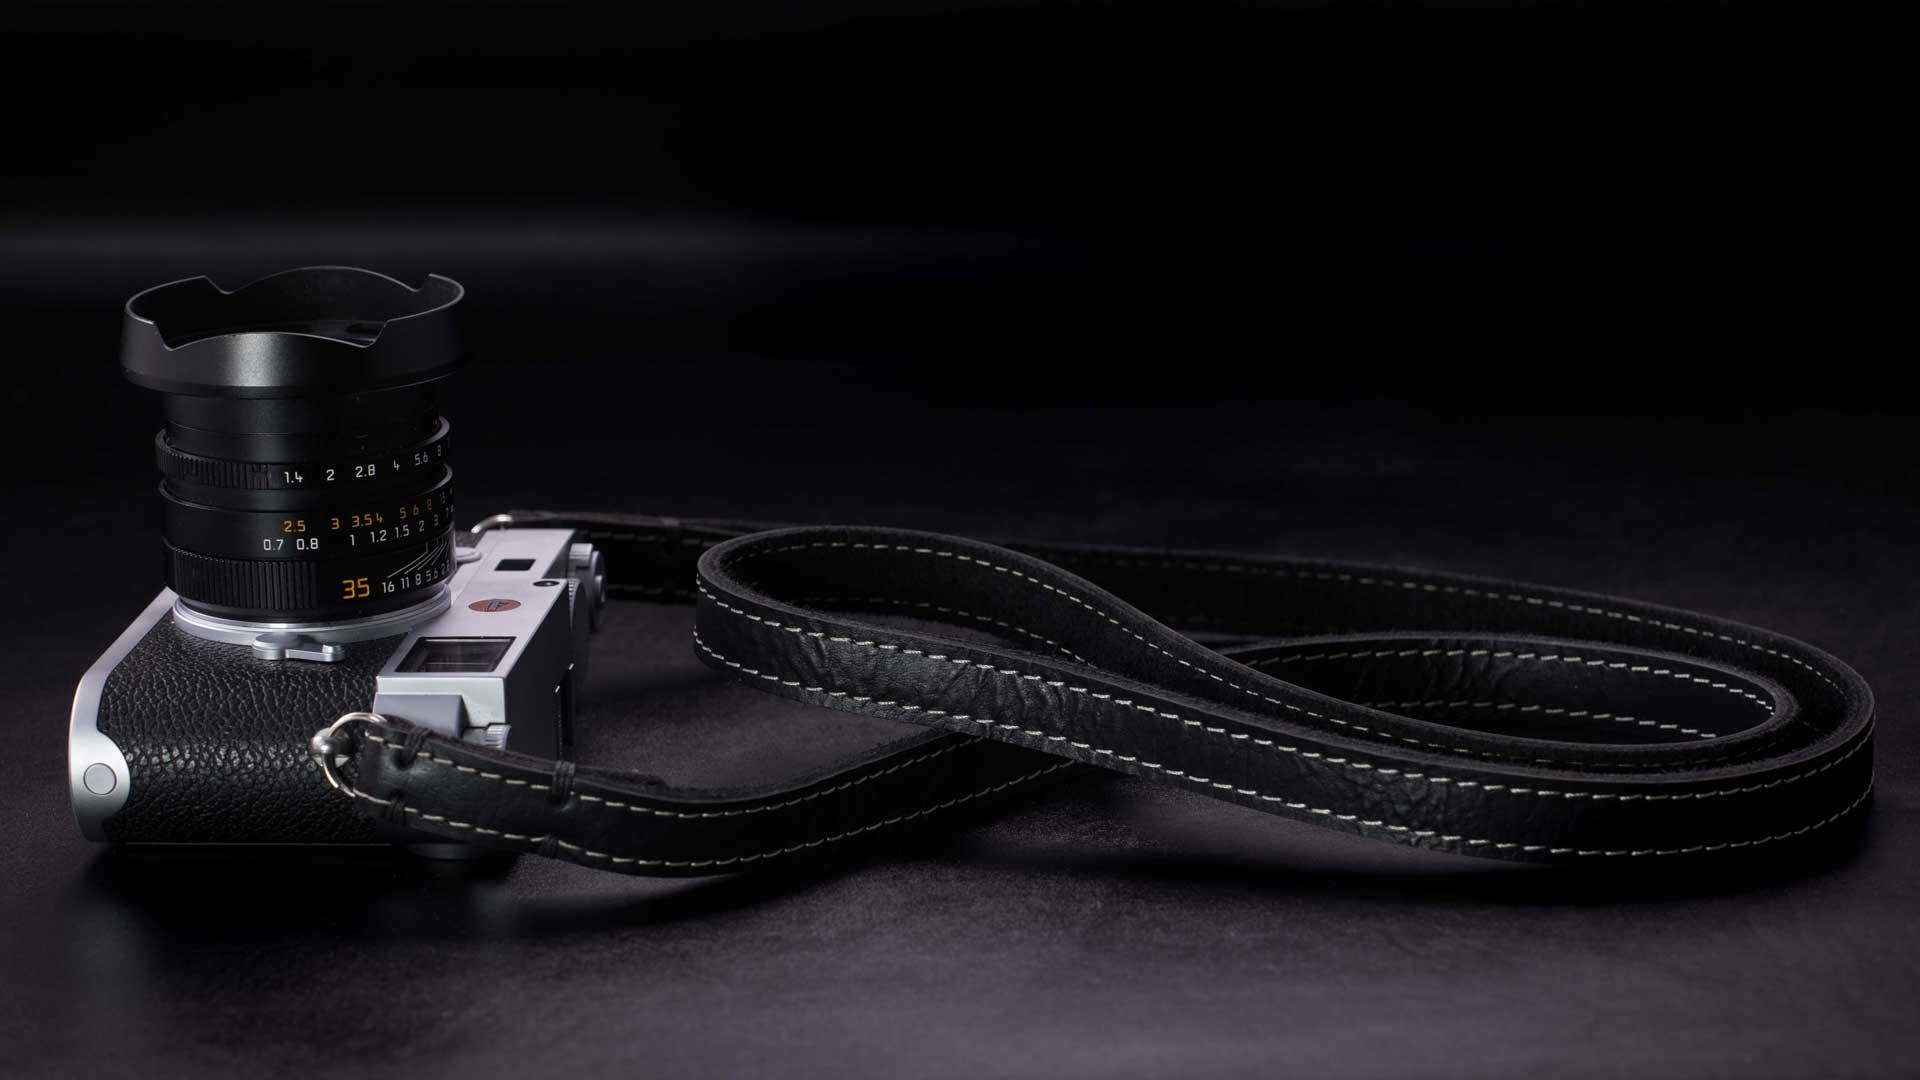 riviera strap, classic strap, leather camera strap, handmade leather camera strap, leica camera strap, mirrorless camera strap, handmade camera strap, dslr camera strap, black camera strap, white camera strap